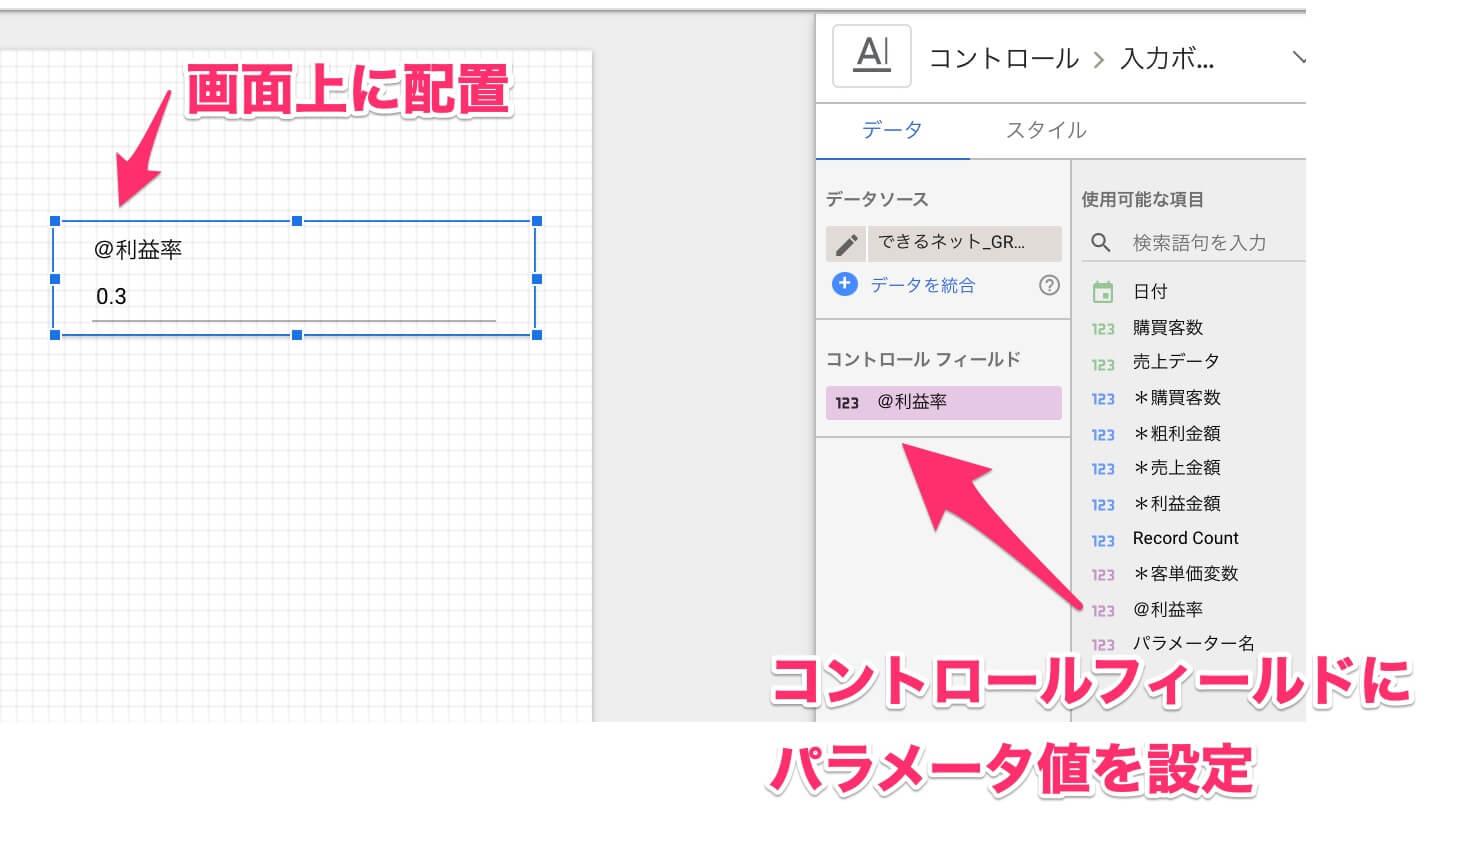 【Googleデータポータル】データを操作可能にする「パラメータ」の使い方。値を動的に変化させて再計算できる